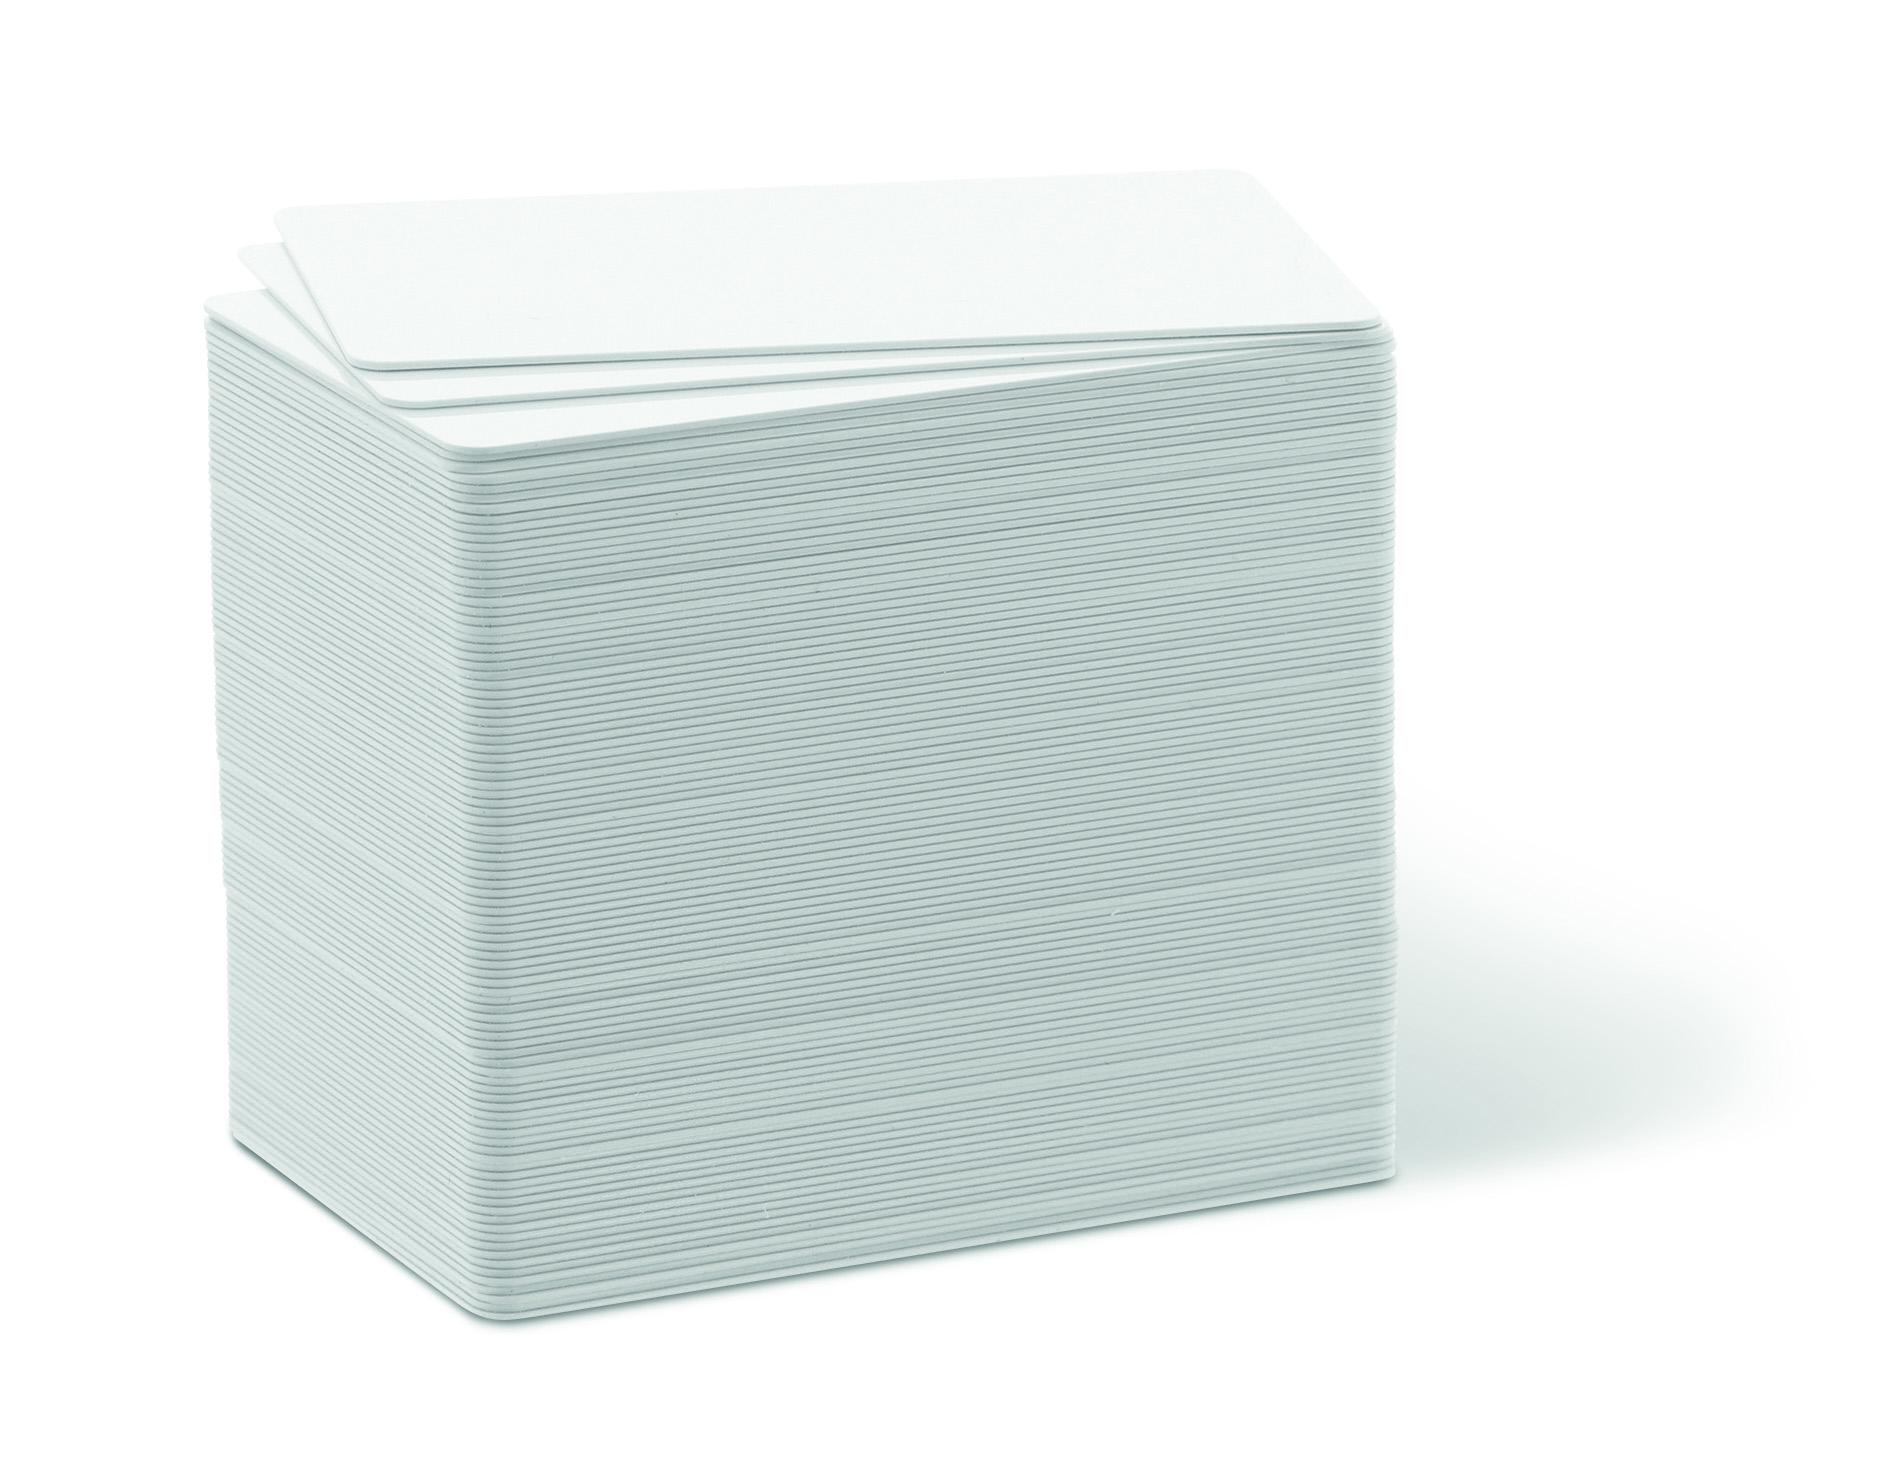 Karten, ZXP 1er Serie, ZXP 3er Serie, Zebra Premier PVC, weiß, 15 mil